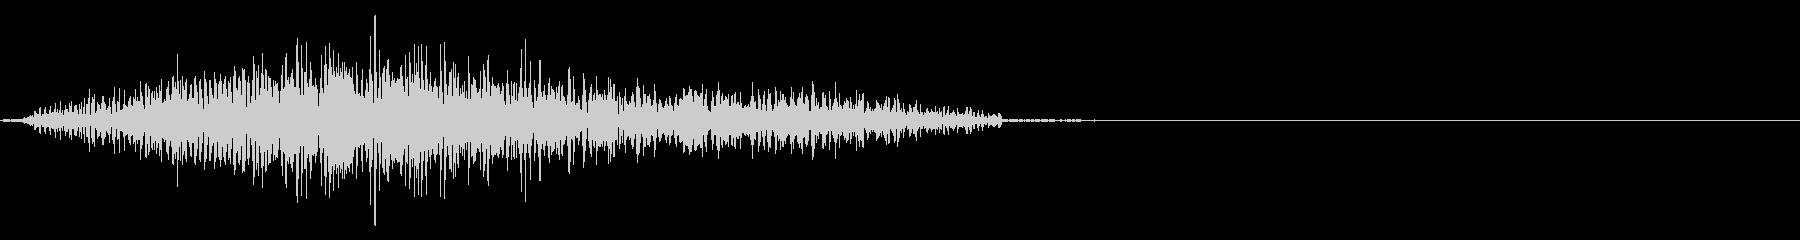 エイリアン:発声 8の未再生の波形